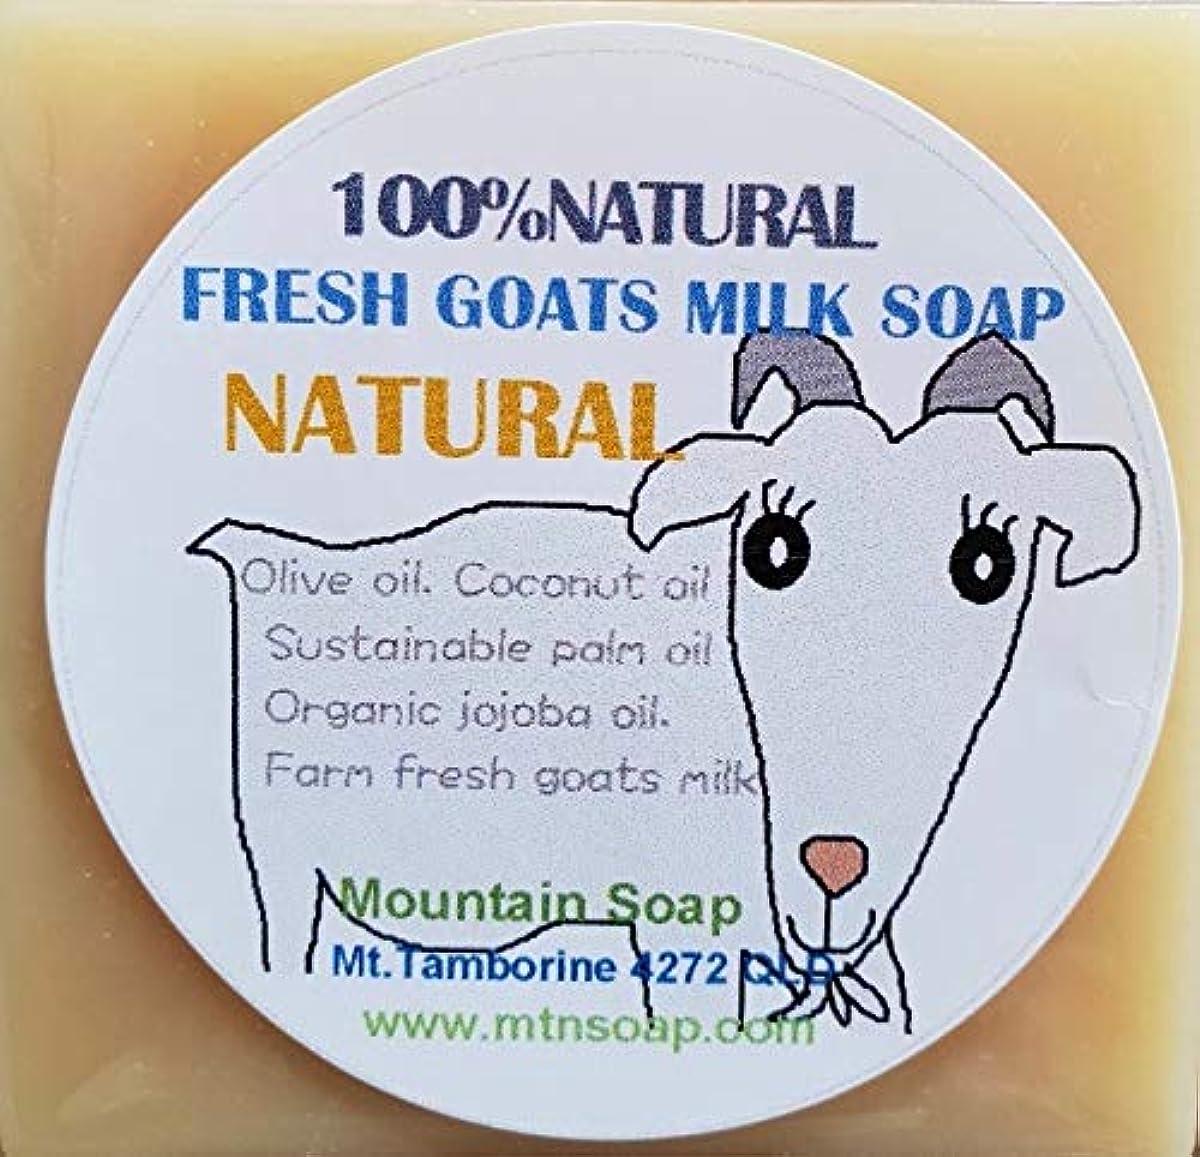 世界クラックポット究極の【Mountain Soap】マウンテンソープ 農場直送絞りたて生乳使用 ゴートミルク石鹸 ナチュラル